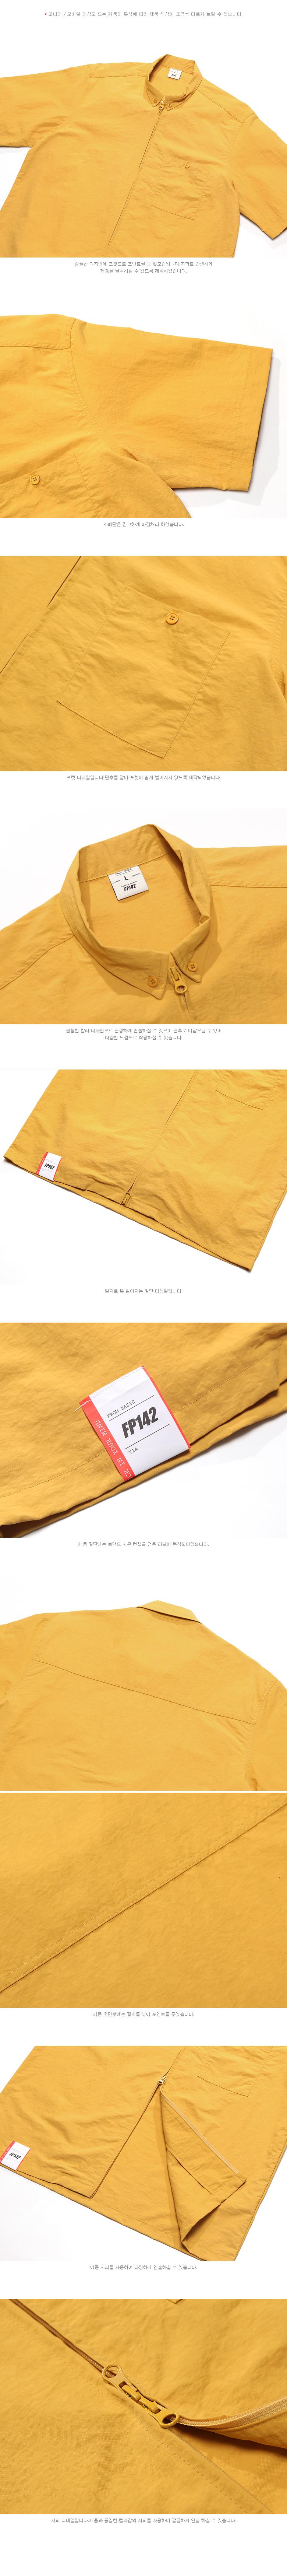 JHSS1175_detail_mustard_02.jpg